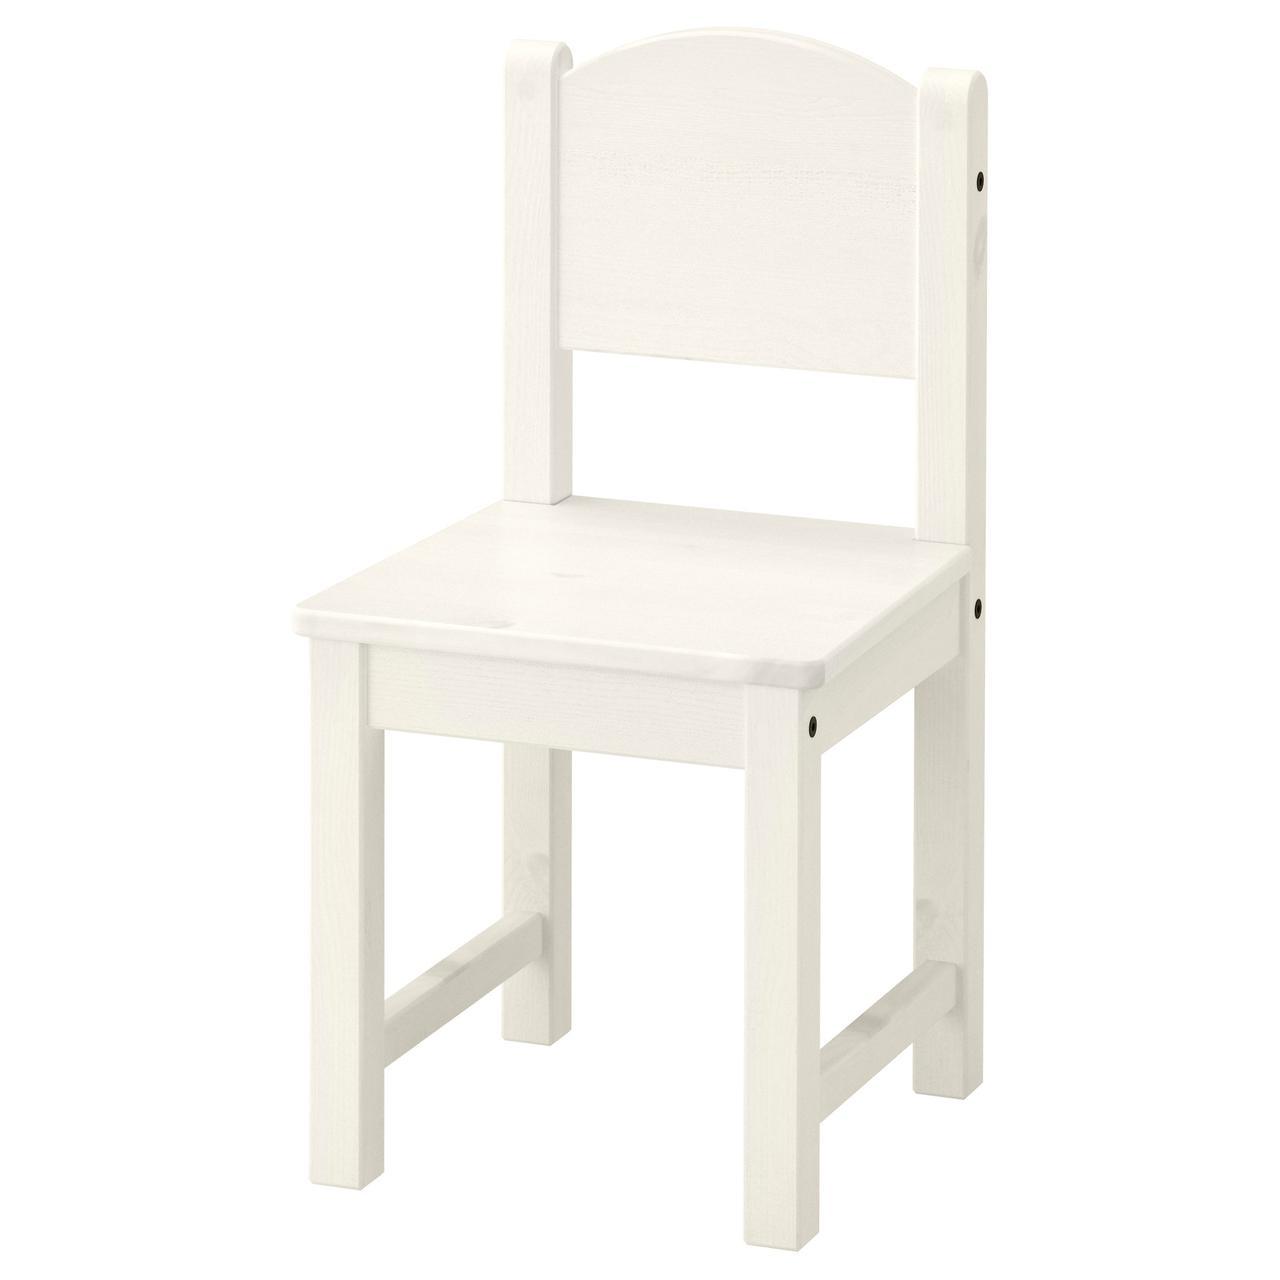 СУНДВИК Детский стул, белый